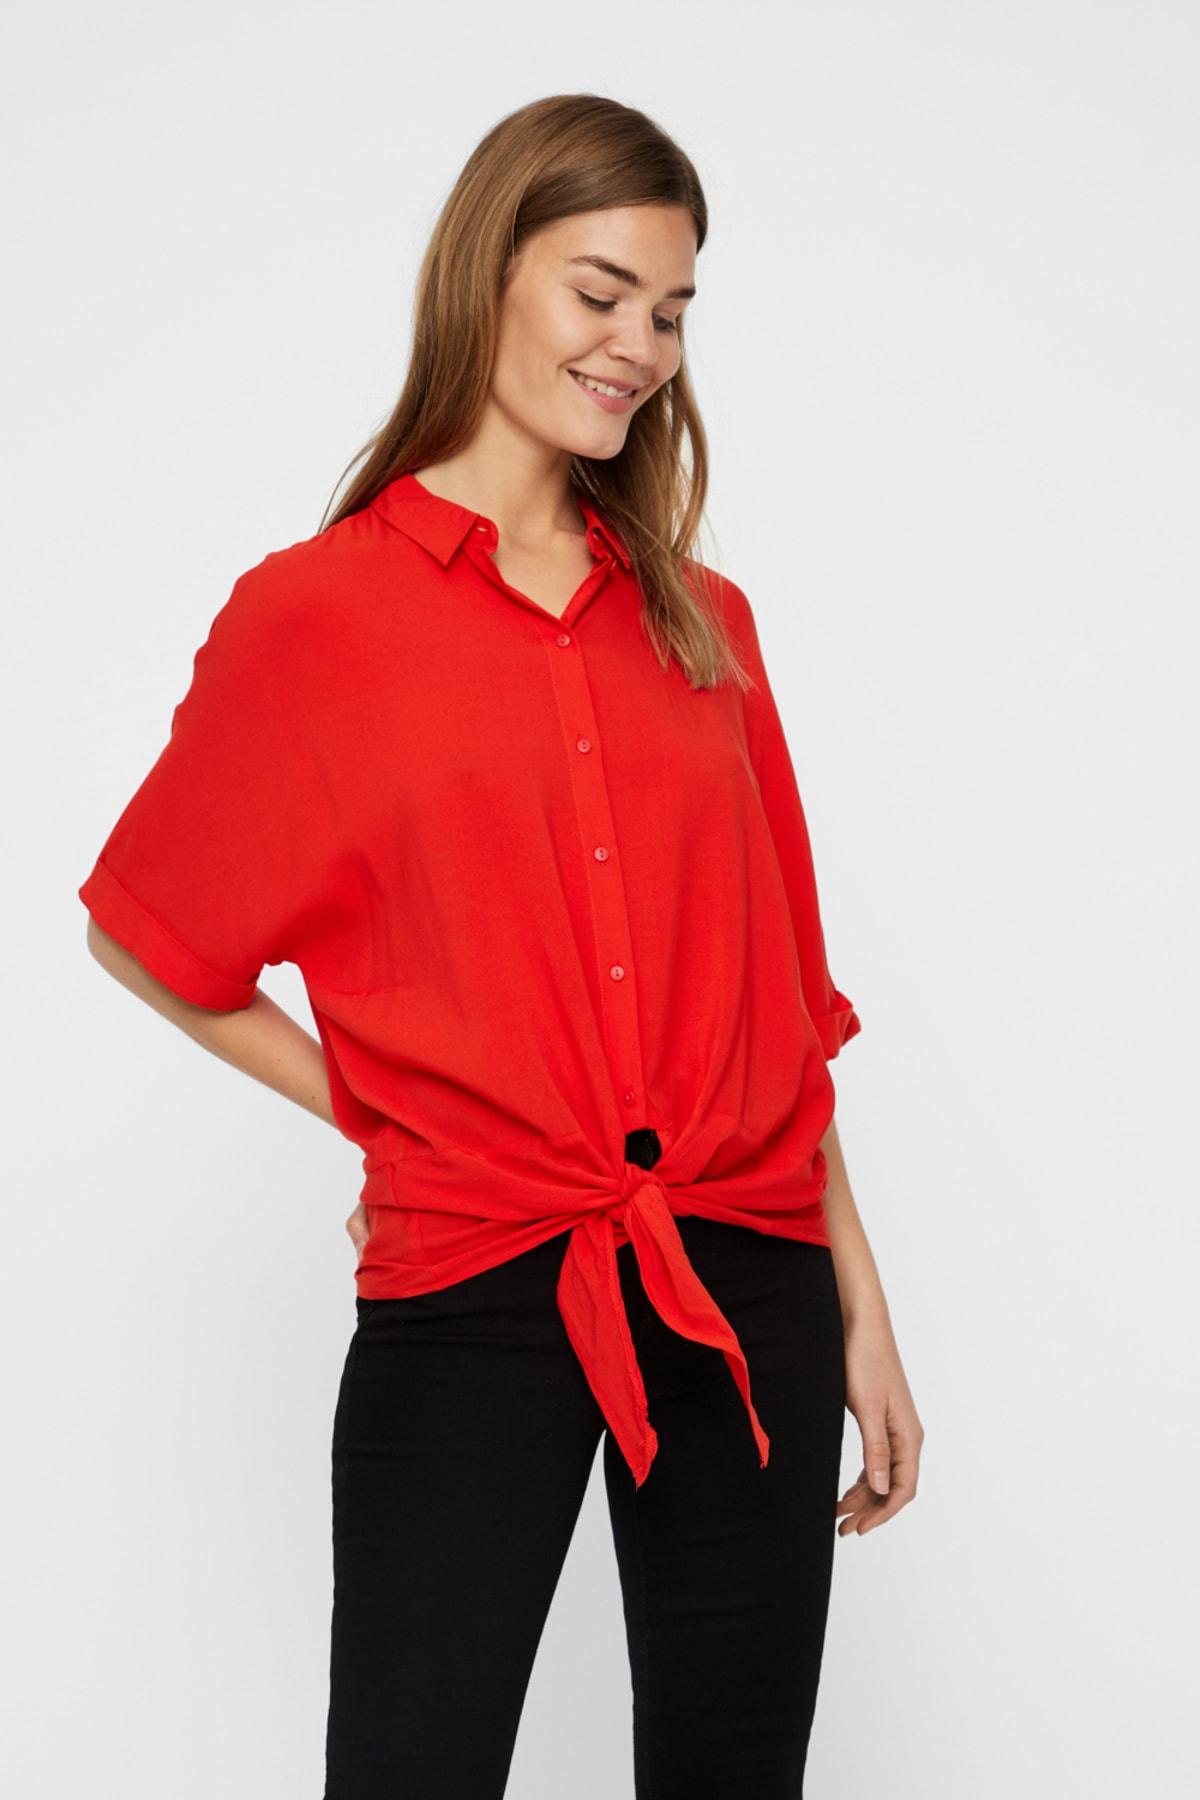 Vero Moda Kadın Kırmızı Yarasa Kol Bağlama Detaylı Viskon Gömlek 10214788 VMKHLOE 1